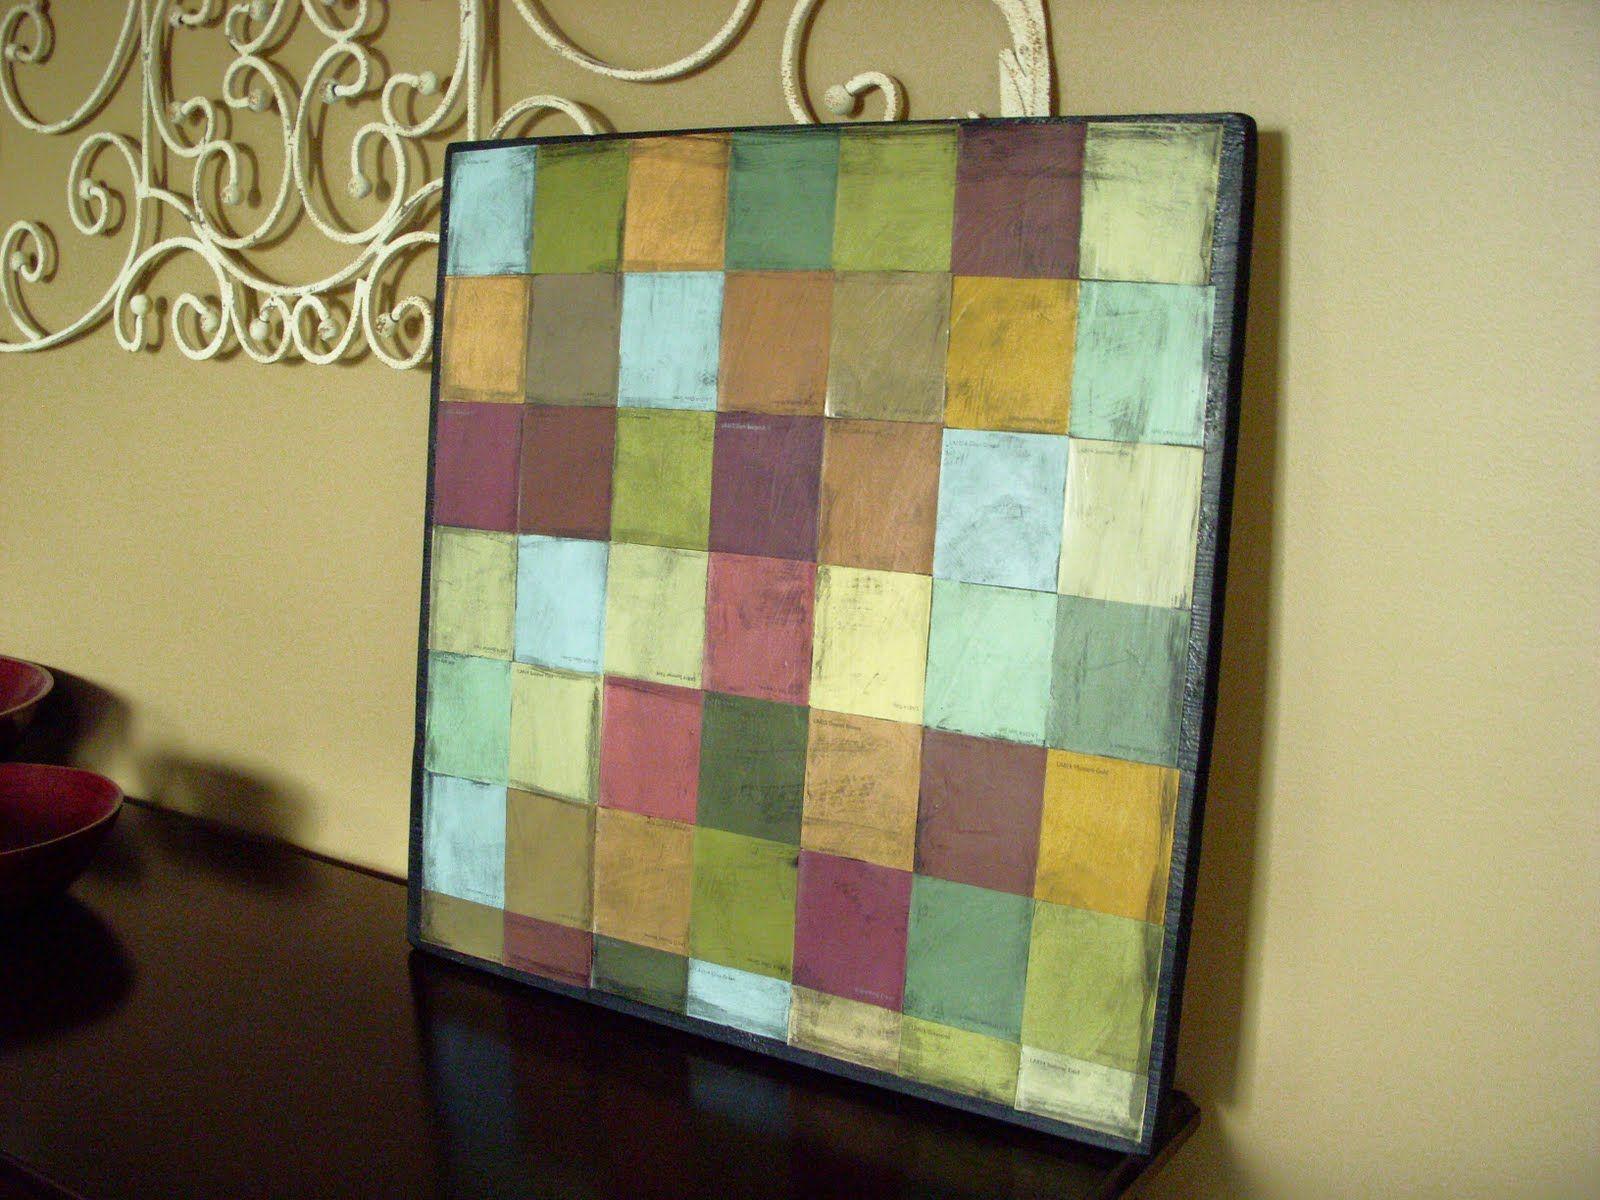 Paint chip mosaic art   Paint chips, Paint chip art and Mosaics